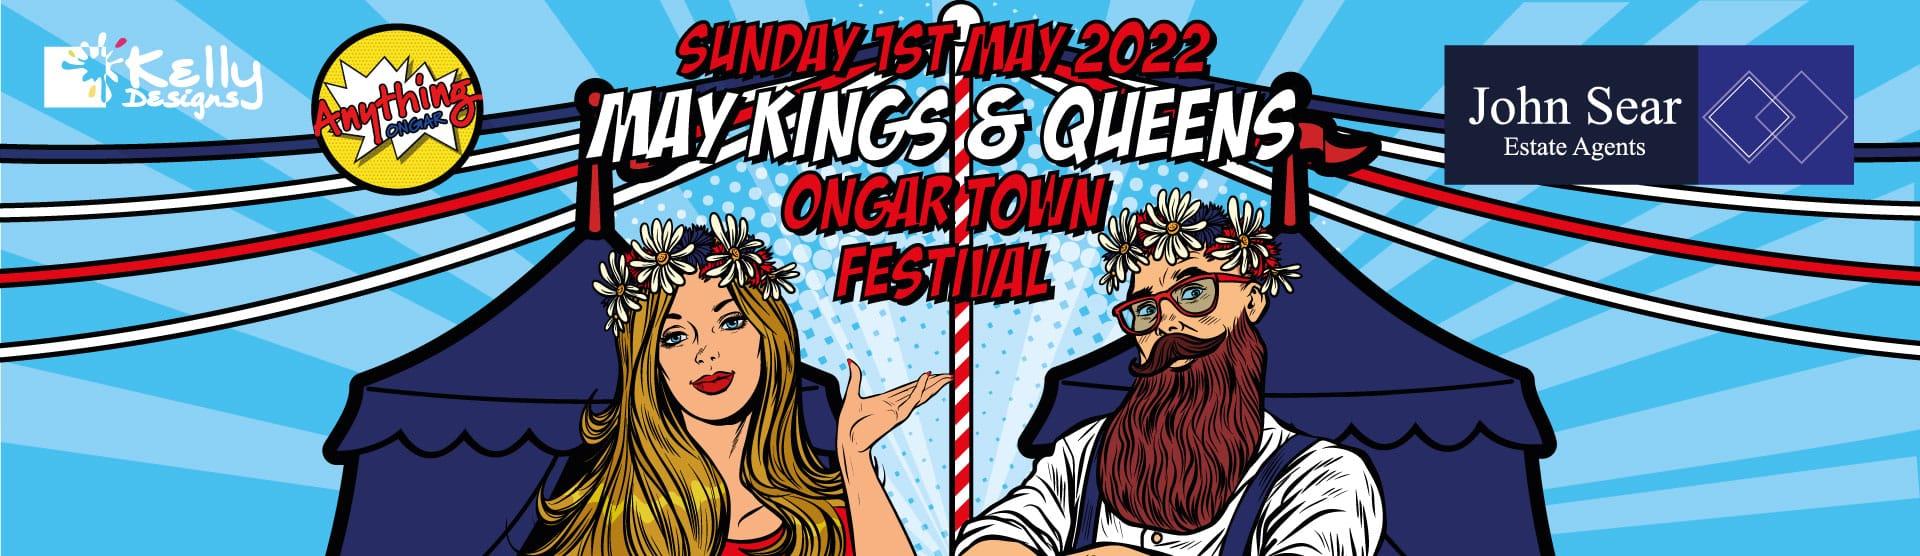 Ongar Town Festival 2022